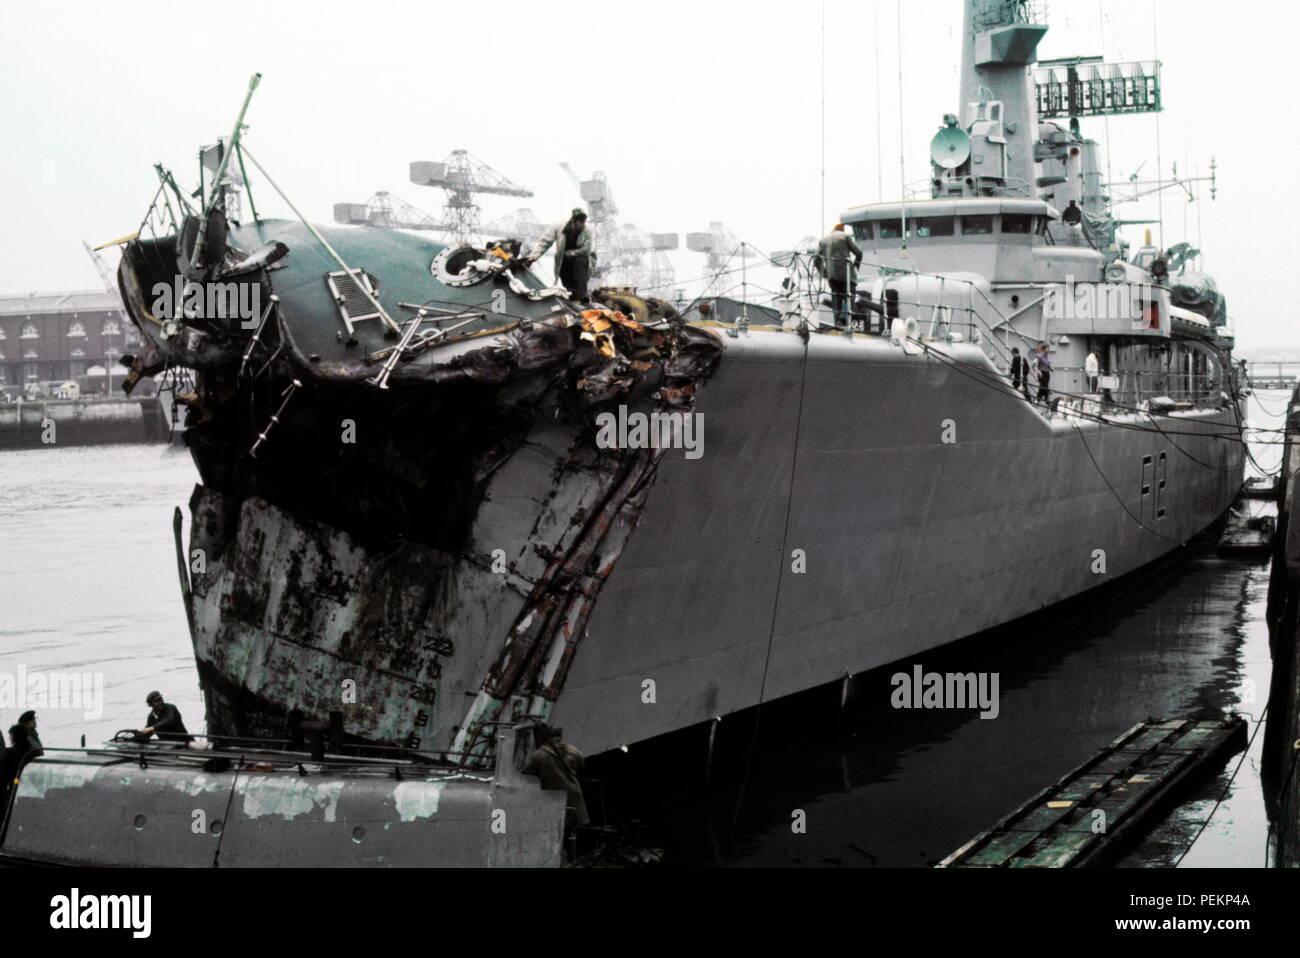 AJAXNETPHOTO. 13 noviembre, 1975. PORTSMOUTH, Inglaterra. - CRUNCH! - Foto JUNTO A LA BASE NAVAL DOCKYARD con 14 pies de su arco destrozaron; La Fragata clase LEANDER GP ACHILLES (2500 toneladas). La fragata colisionó con el petrolero liberiano alianza olímpico 1 millas S.E. De Dover, cerca de rosca VARNE en la noche del 12/13 de noviembre de 1975. Tres miembros de la tripulación resultaron heridos en Achilles. Foto:Jonathan EASTLAND/AJAX Ref:401279_1 Foto de stock